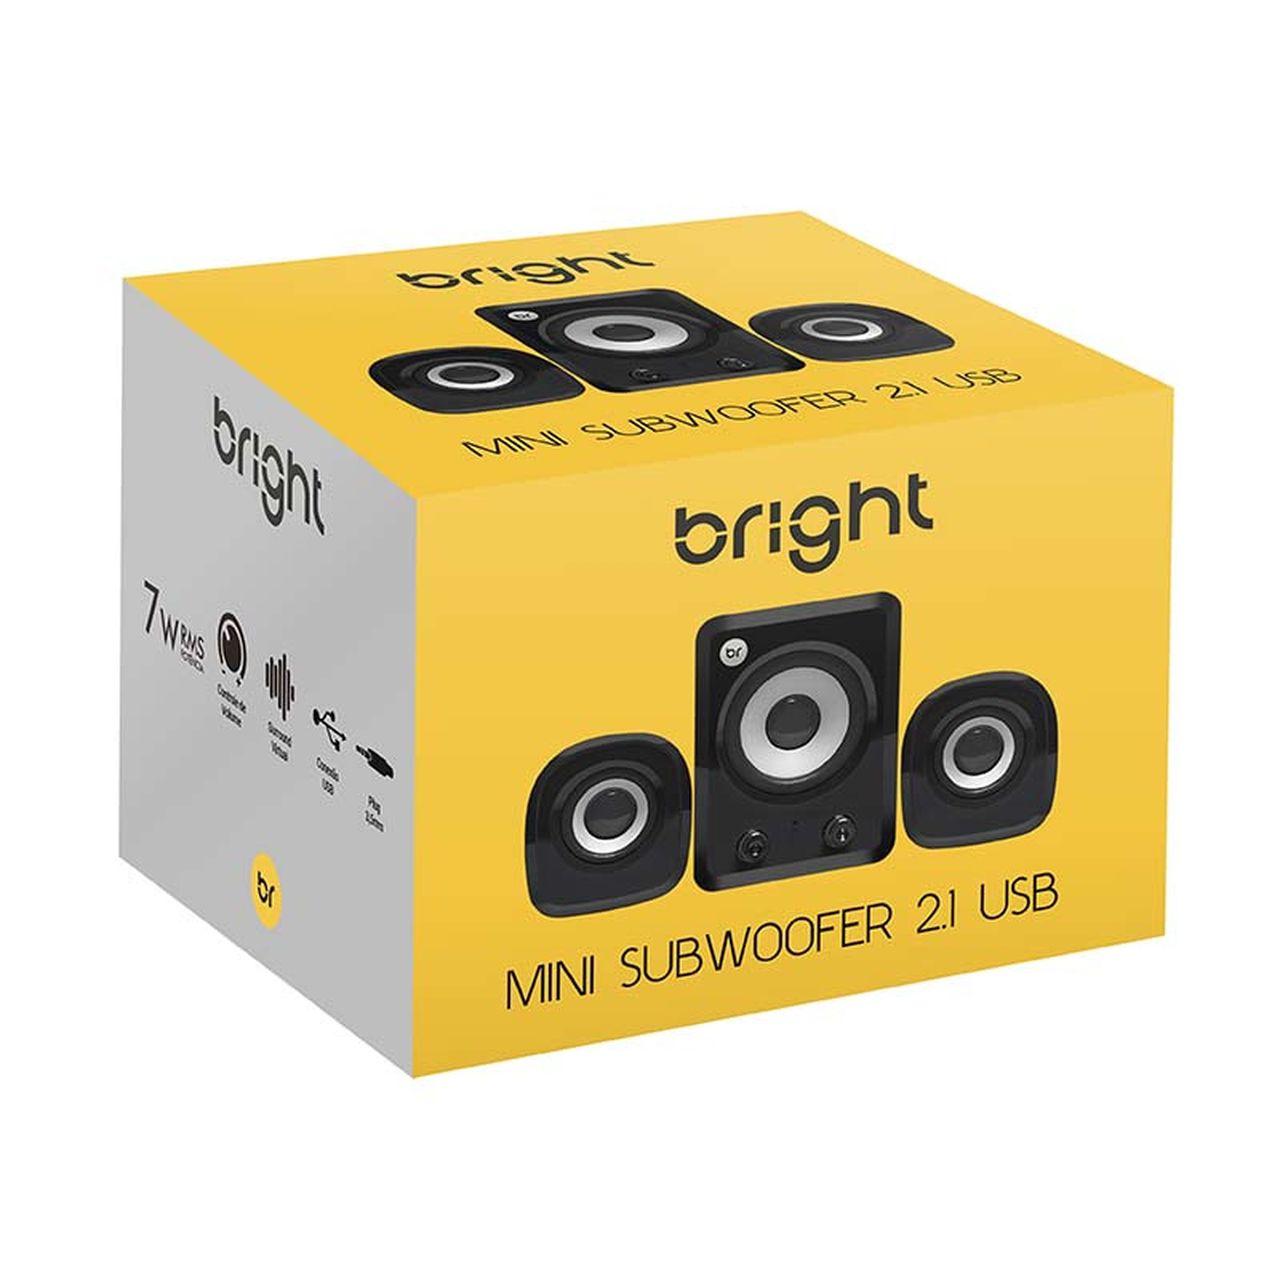 Caixa de Som 2.1 3W com USB e Mini Subwoofer 445 - Bright